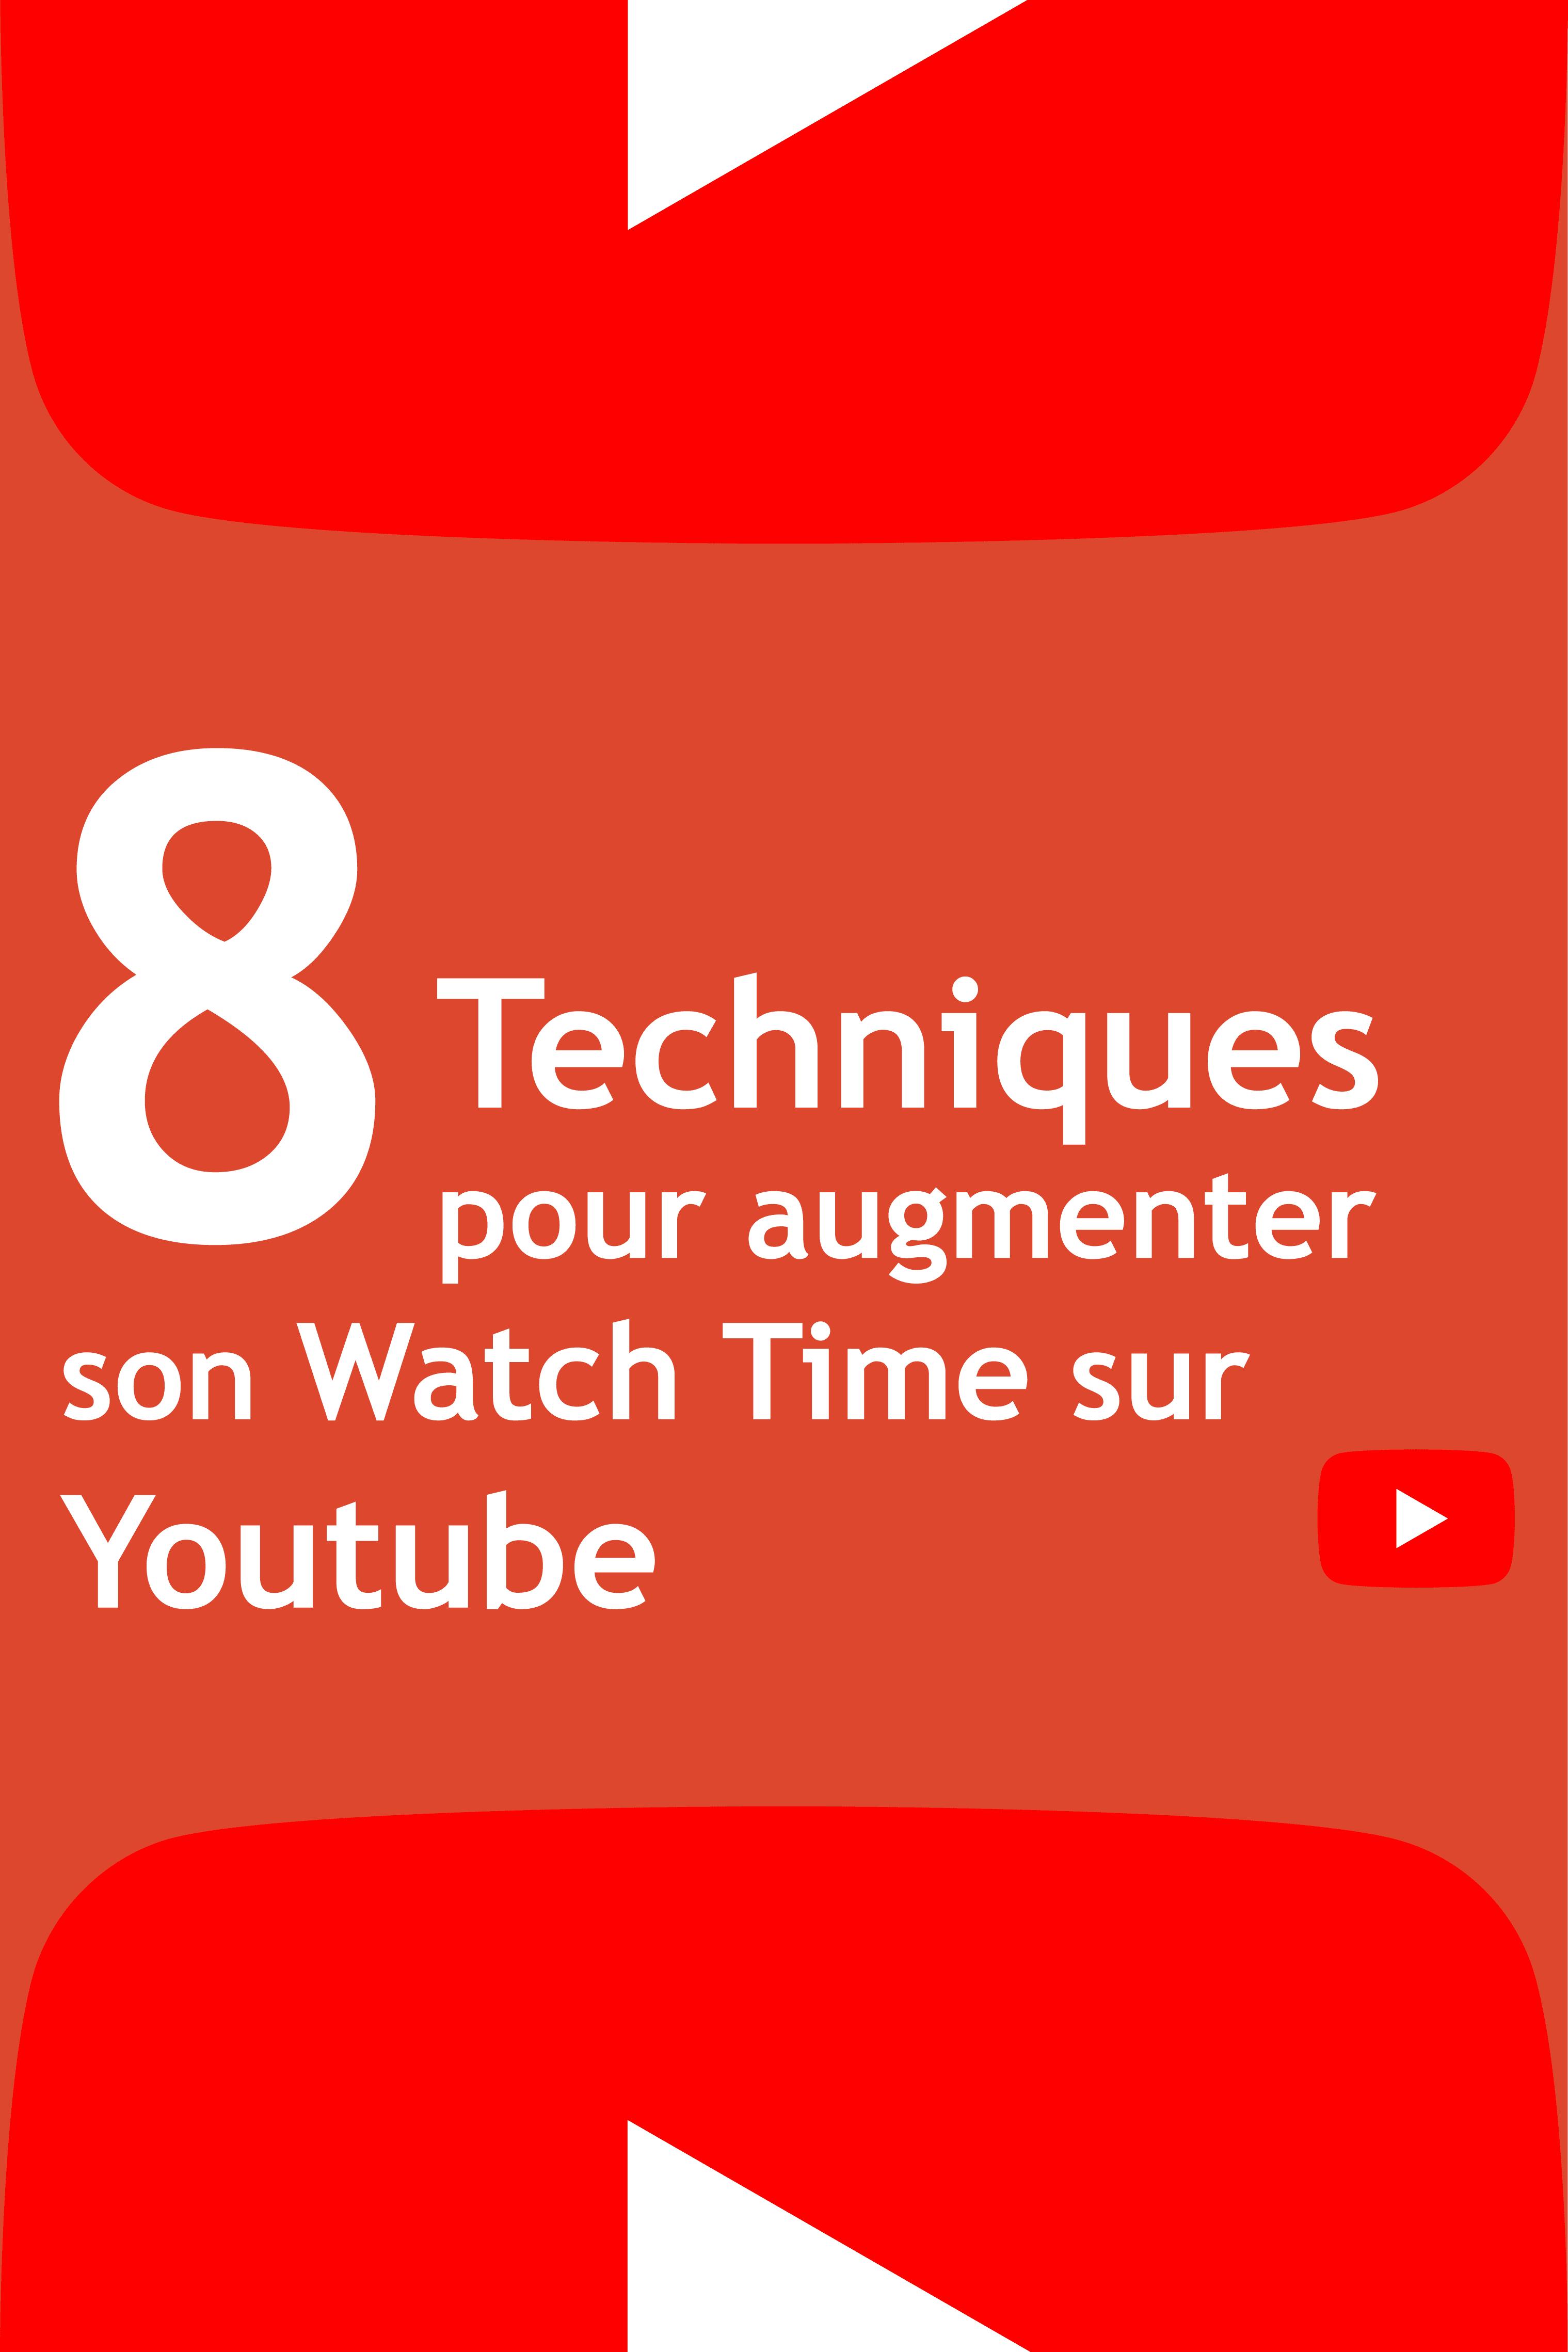 8 Techniques pour augmenter son Watch Time sur Youtube